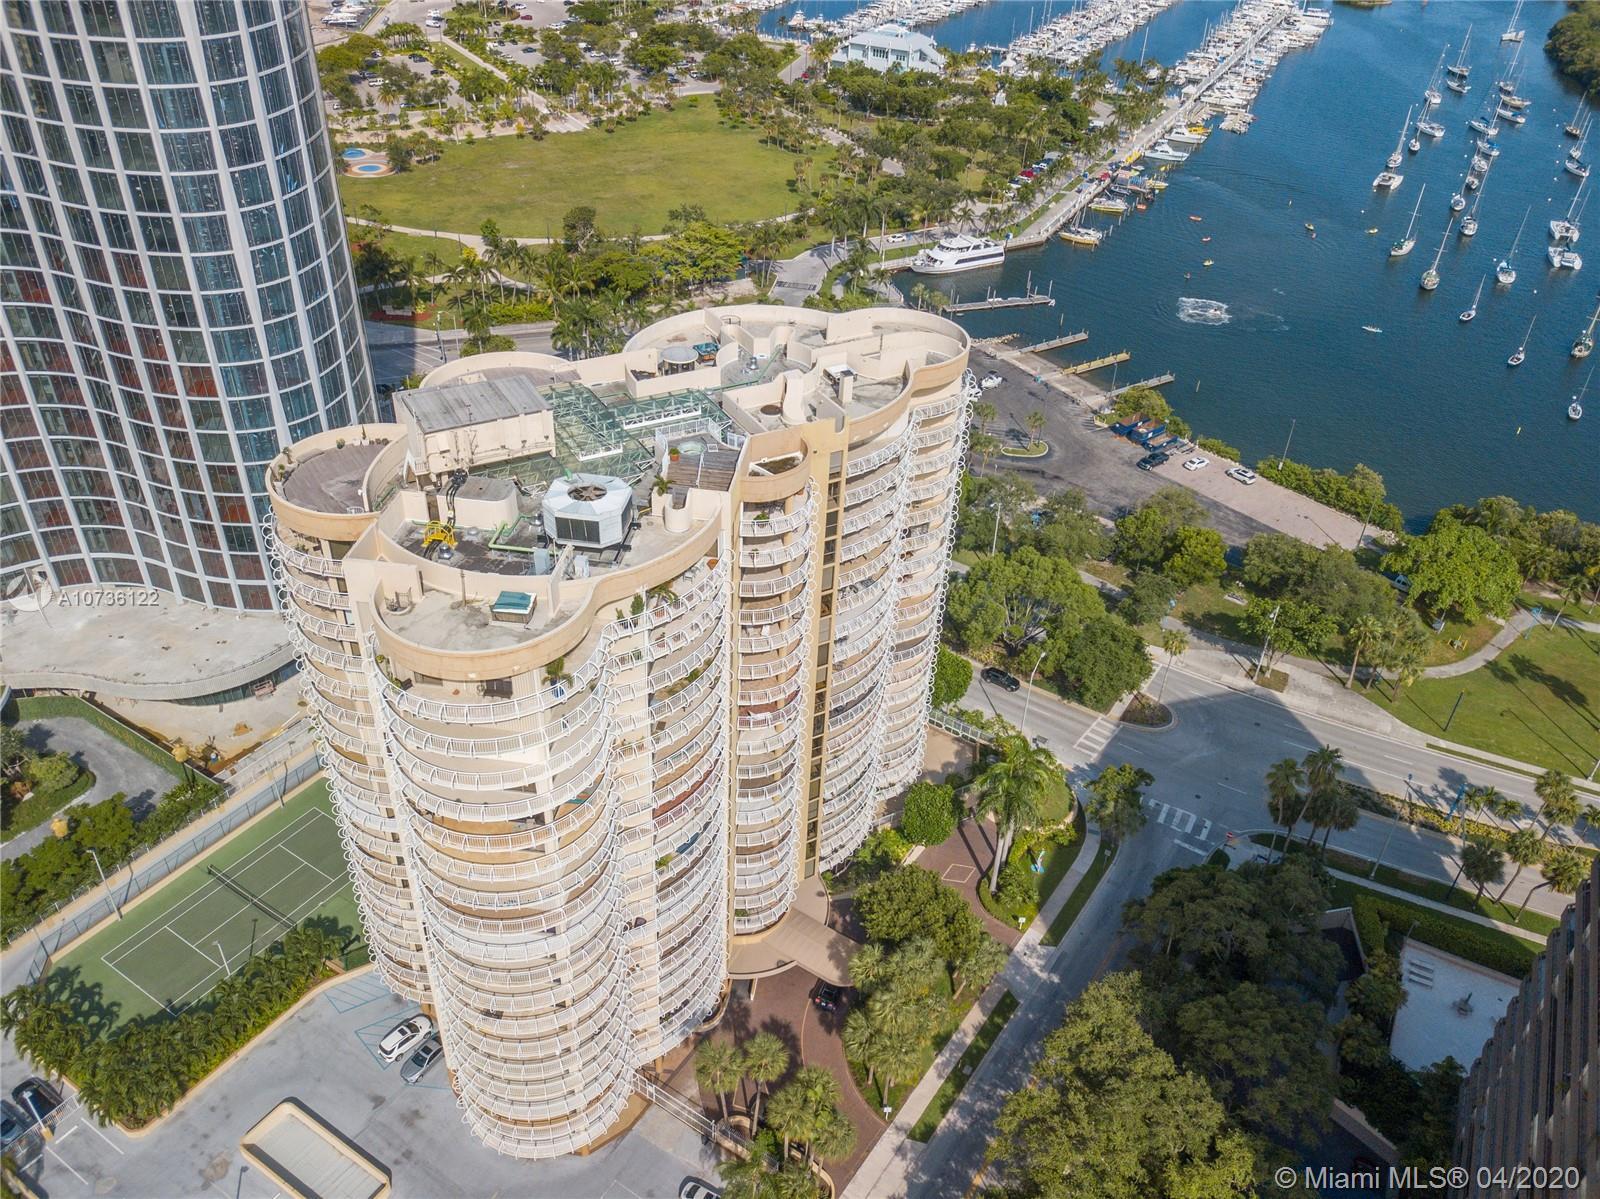 2843 S Bayshore Dr P3-C/D, Miami, FL 33133